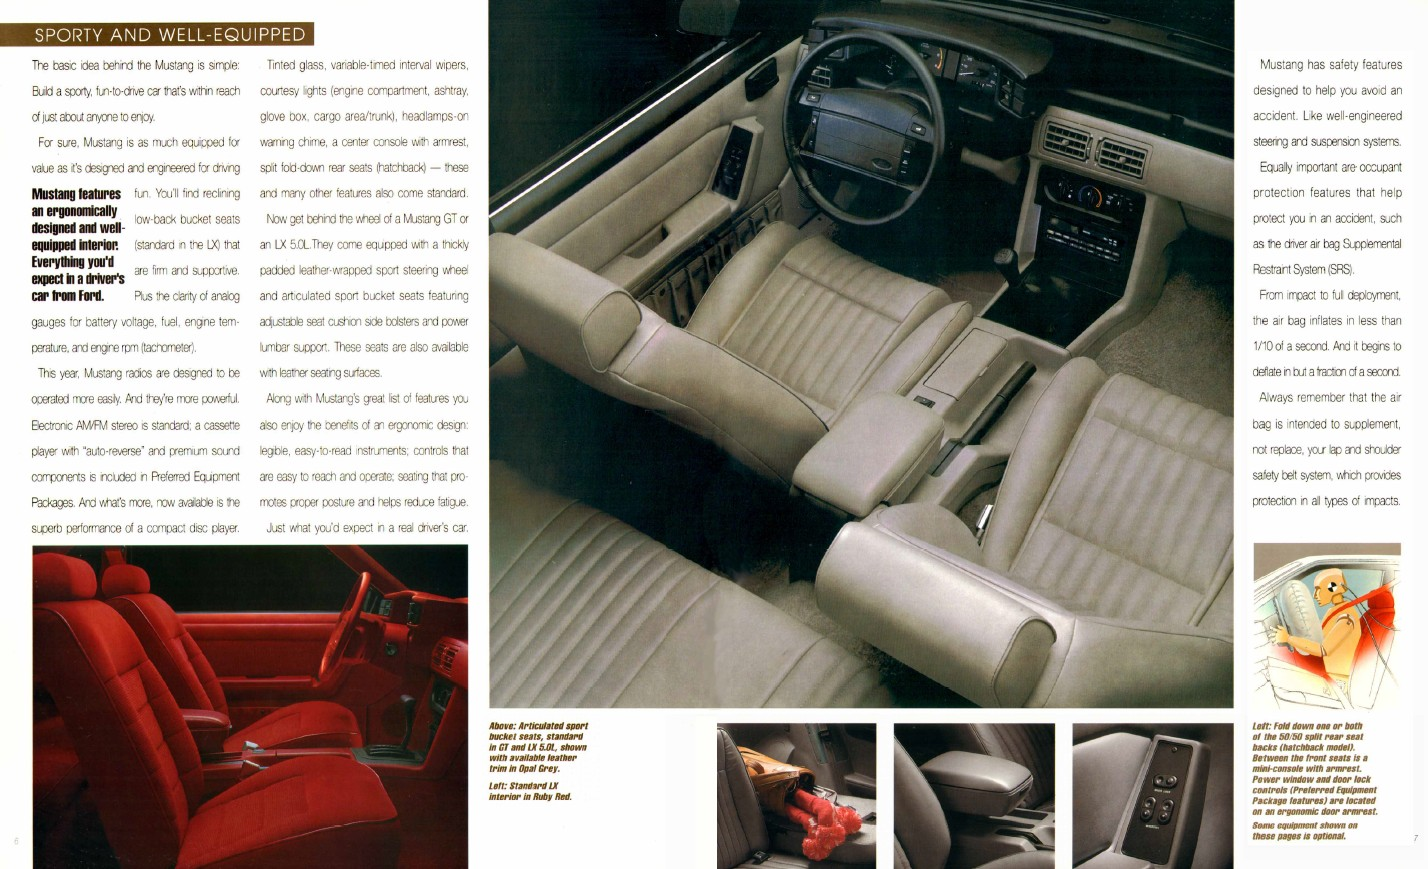 1993-ford-mustang-brochure-06.jpg